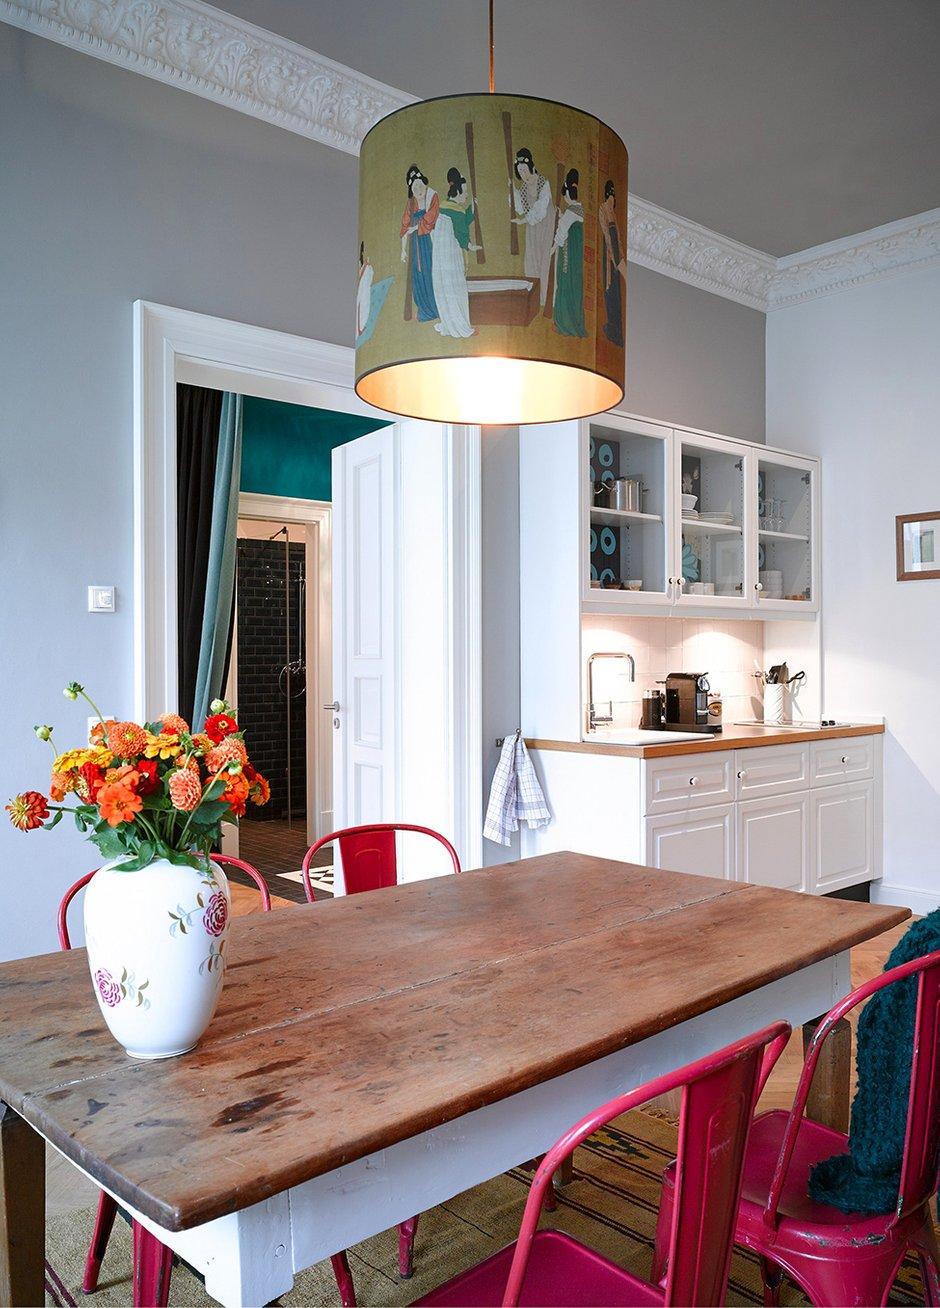 Фотография: Кухня и столовая в стиле Прованс и Кантри, Квартира, Германия, Дома и квартиры – фото на INMYROOM